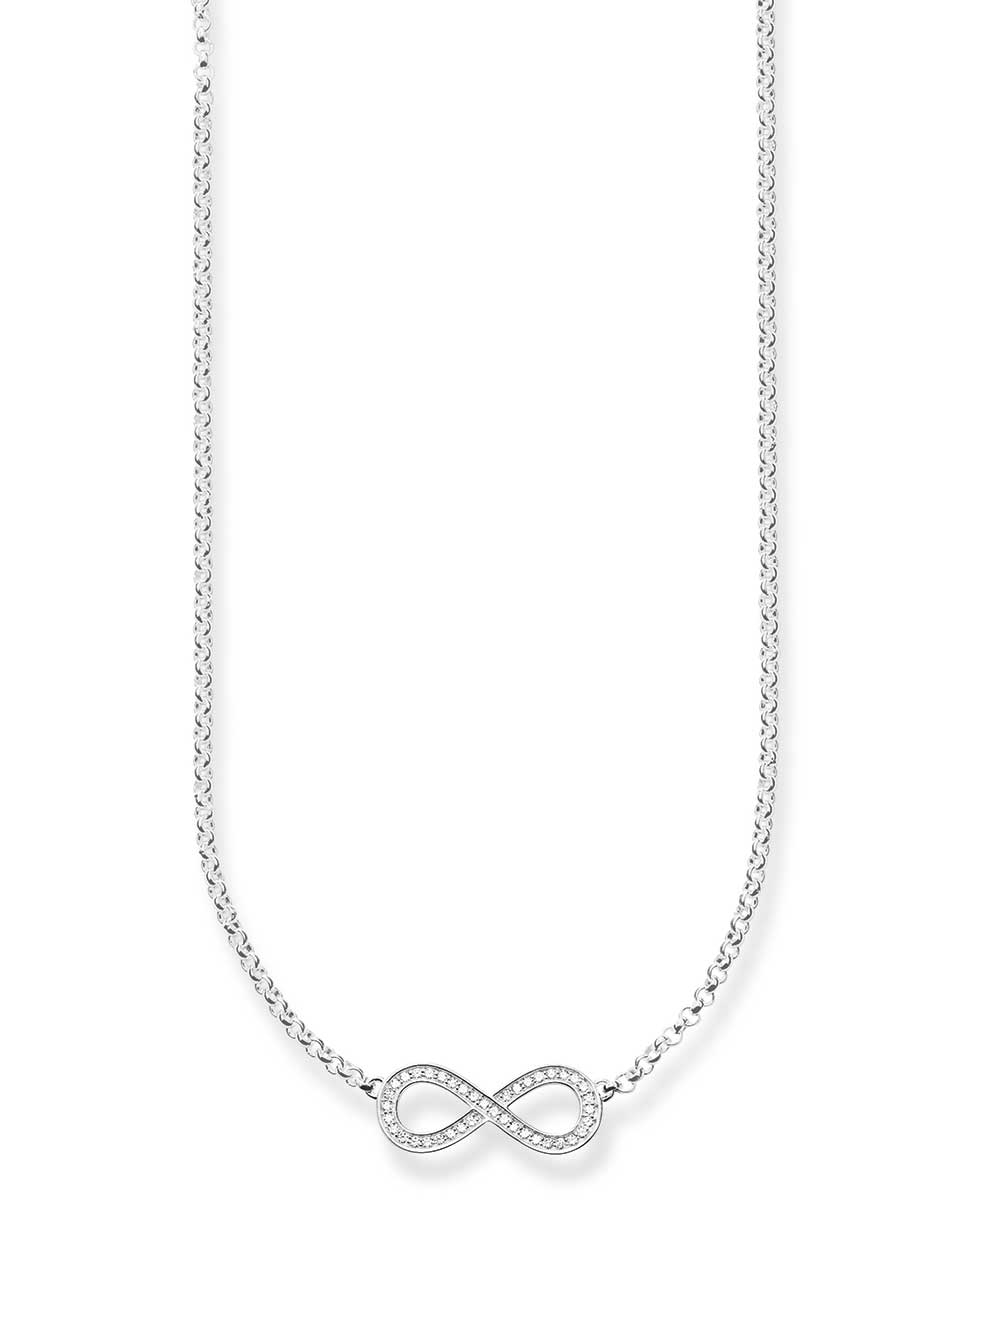 Thomas Sabo Halskette KE1312-051-14 925er mit Anhänger Infinity 38-42cm